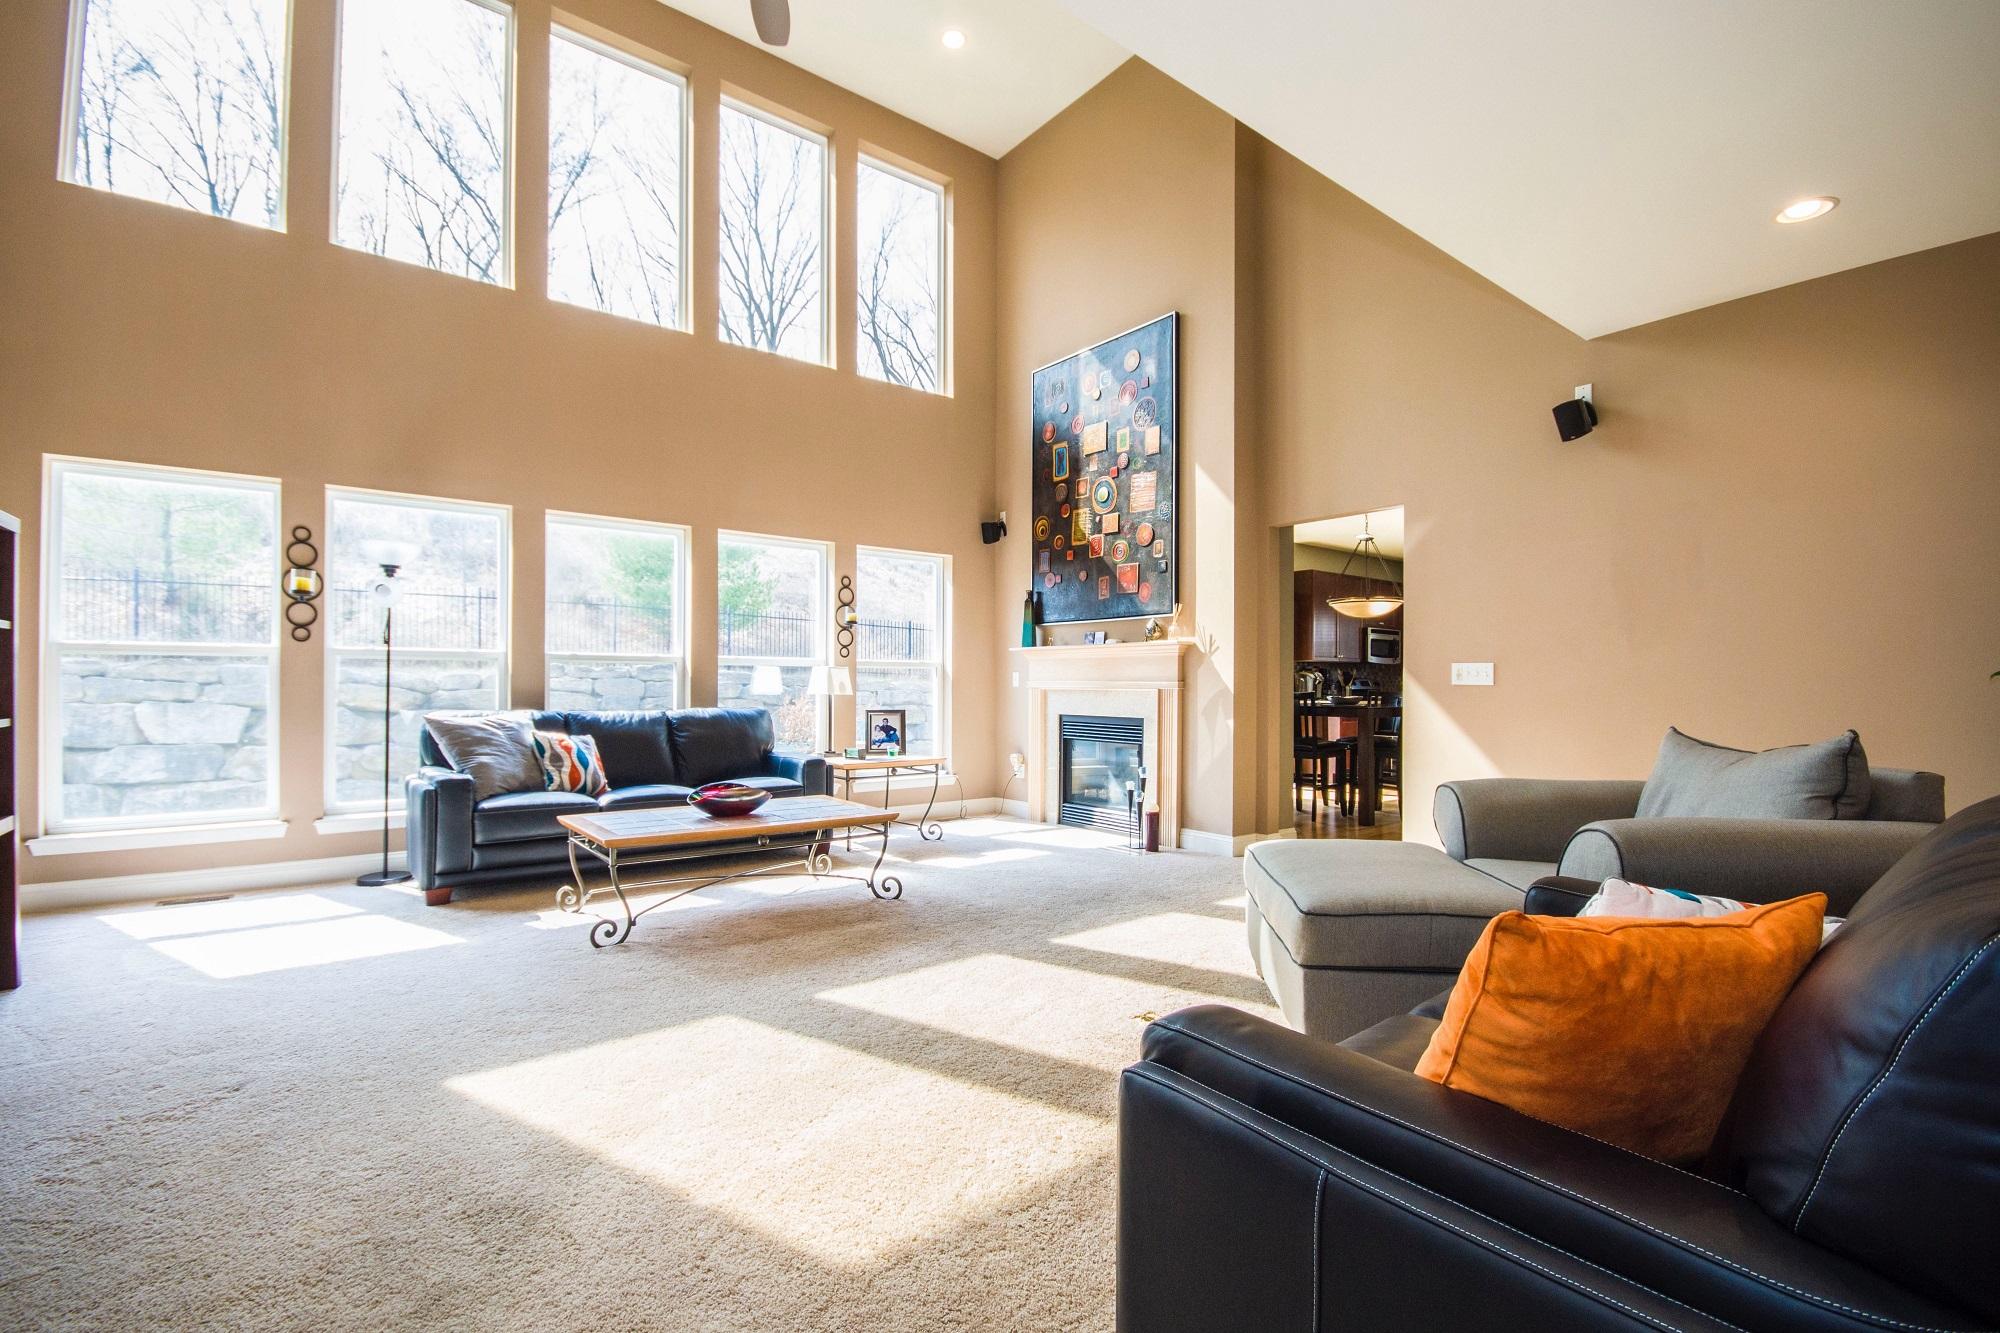 Jak dobrze rozplanować przeszklenia? Optymalna liczba i powierzchnia okien w domu.